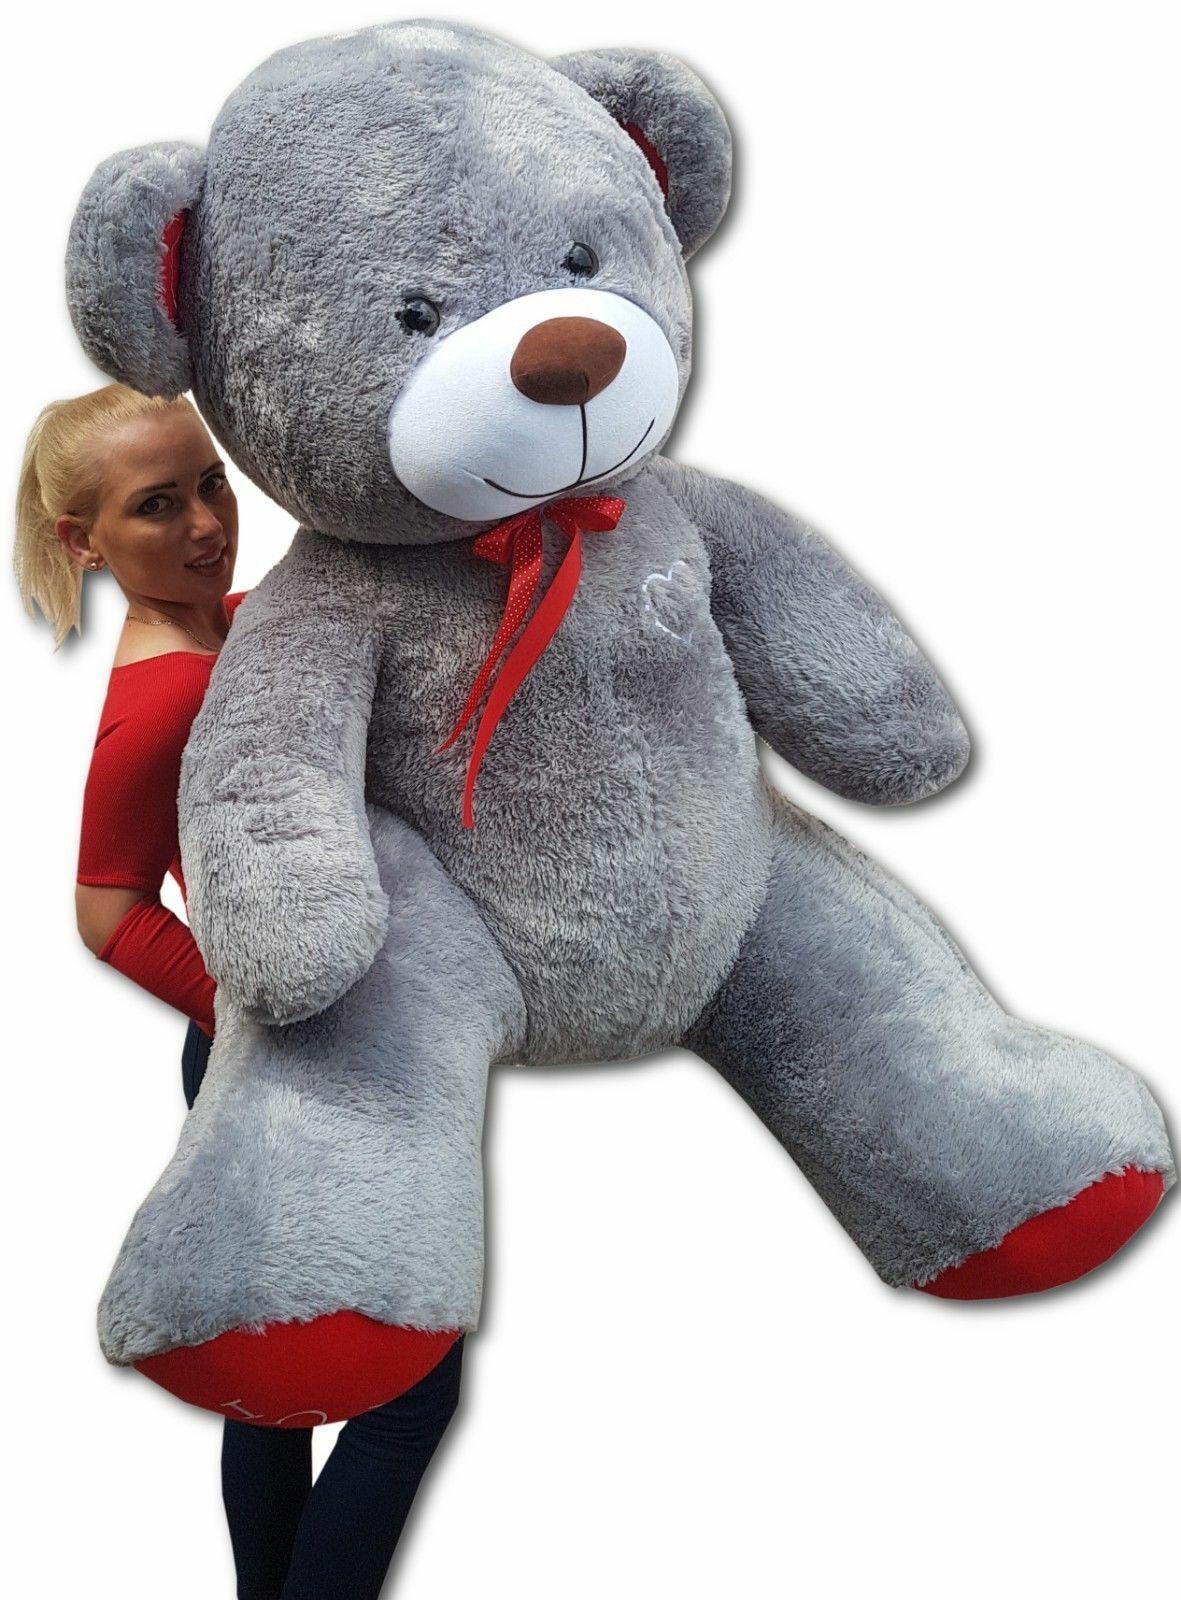 XXL Teddybär Plüsch Kuschel Stoff Tier Riesen Teddy Bär Valentinstag Geschenk XL Grau - Rot